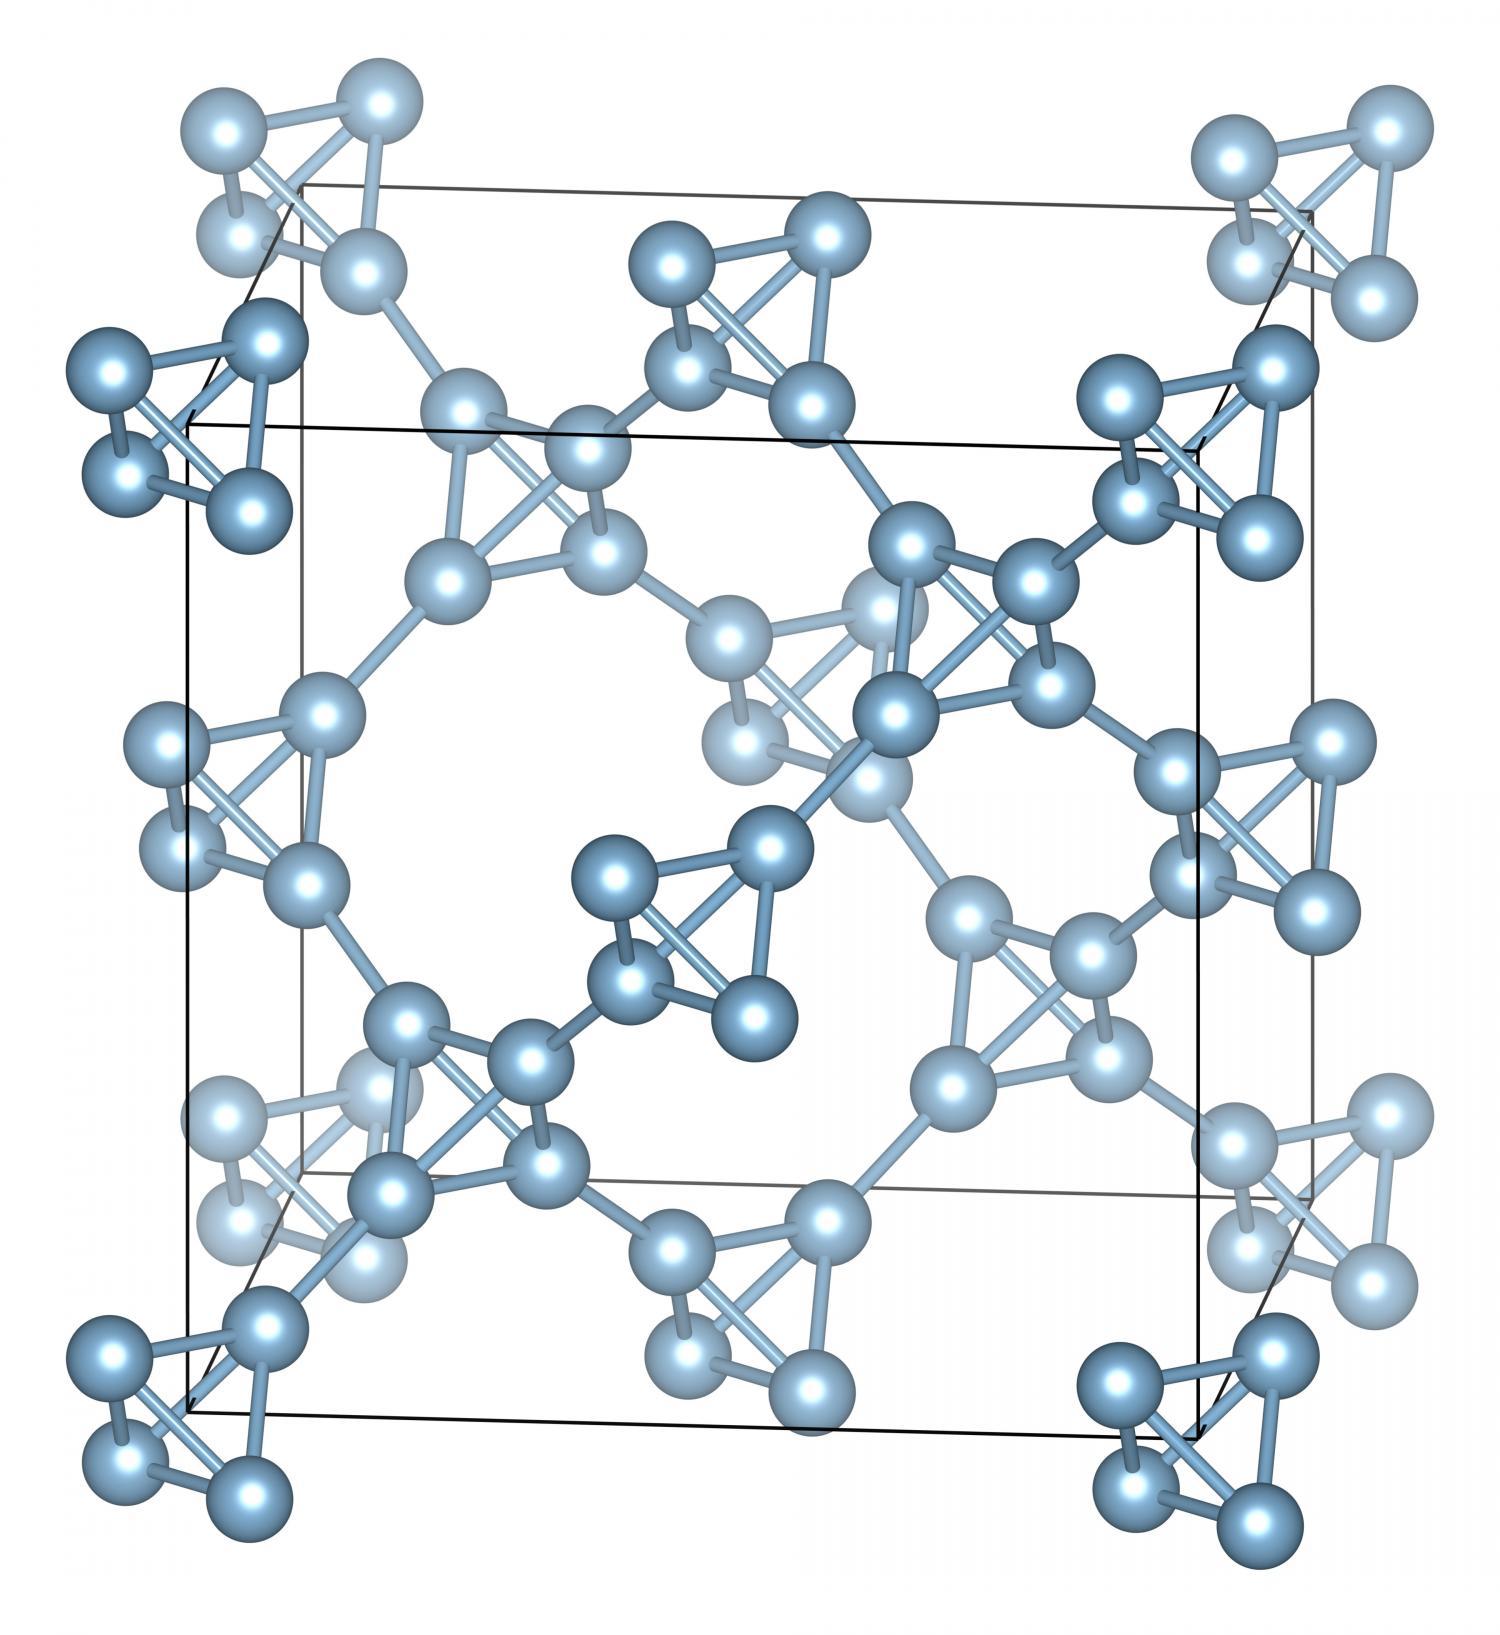 Esquema estrutural do alumínio supertetraédrico, criado por analogia com o diamante. [Imagem: Iliya Getmanskii et. al. (2017)]